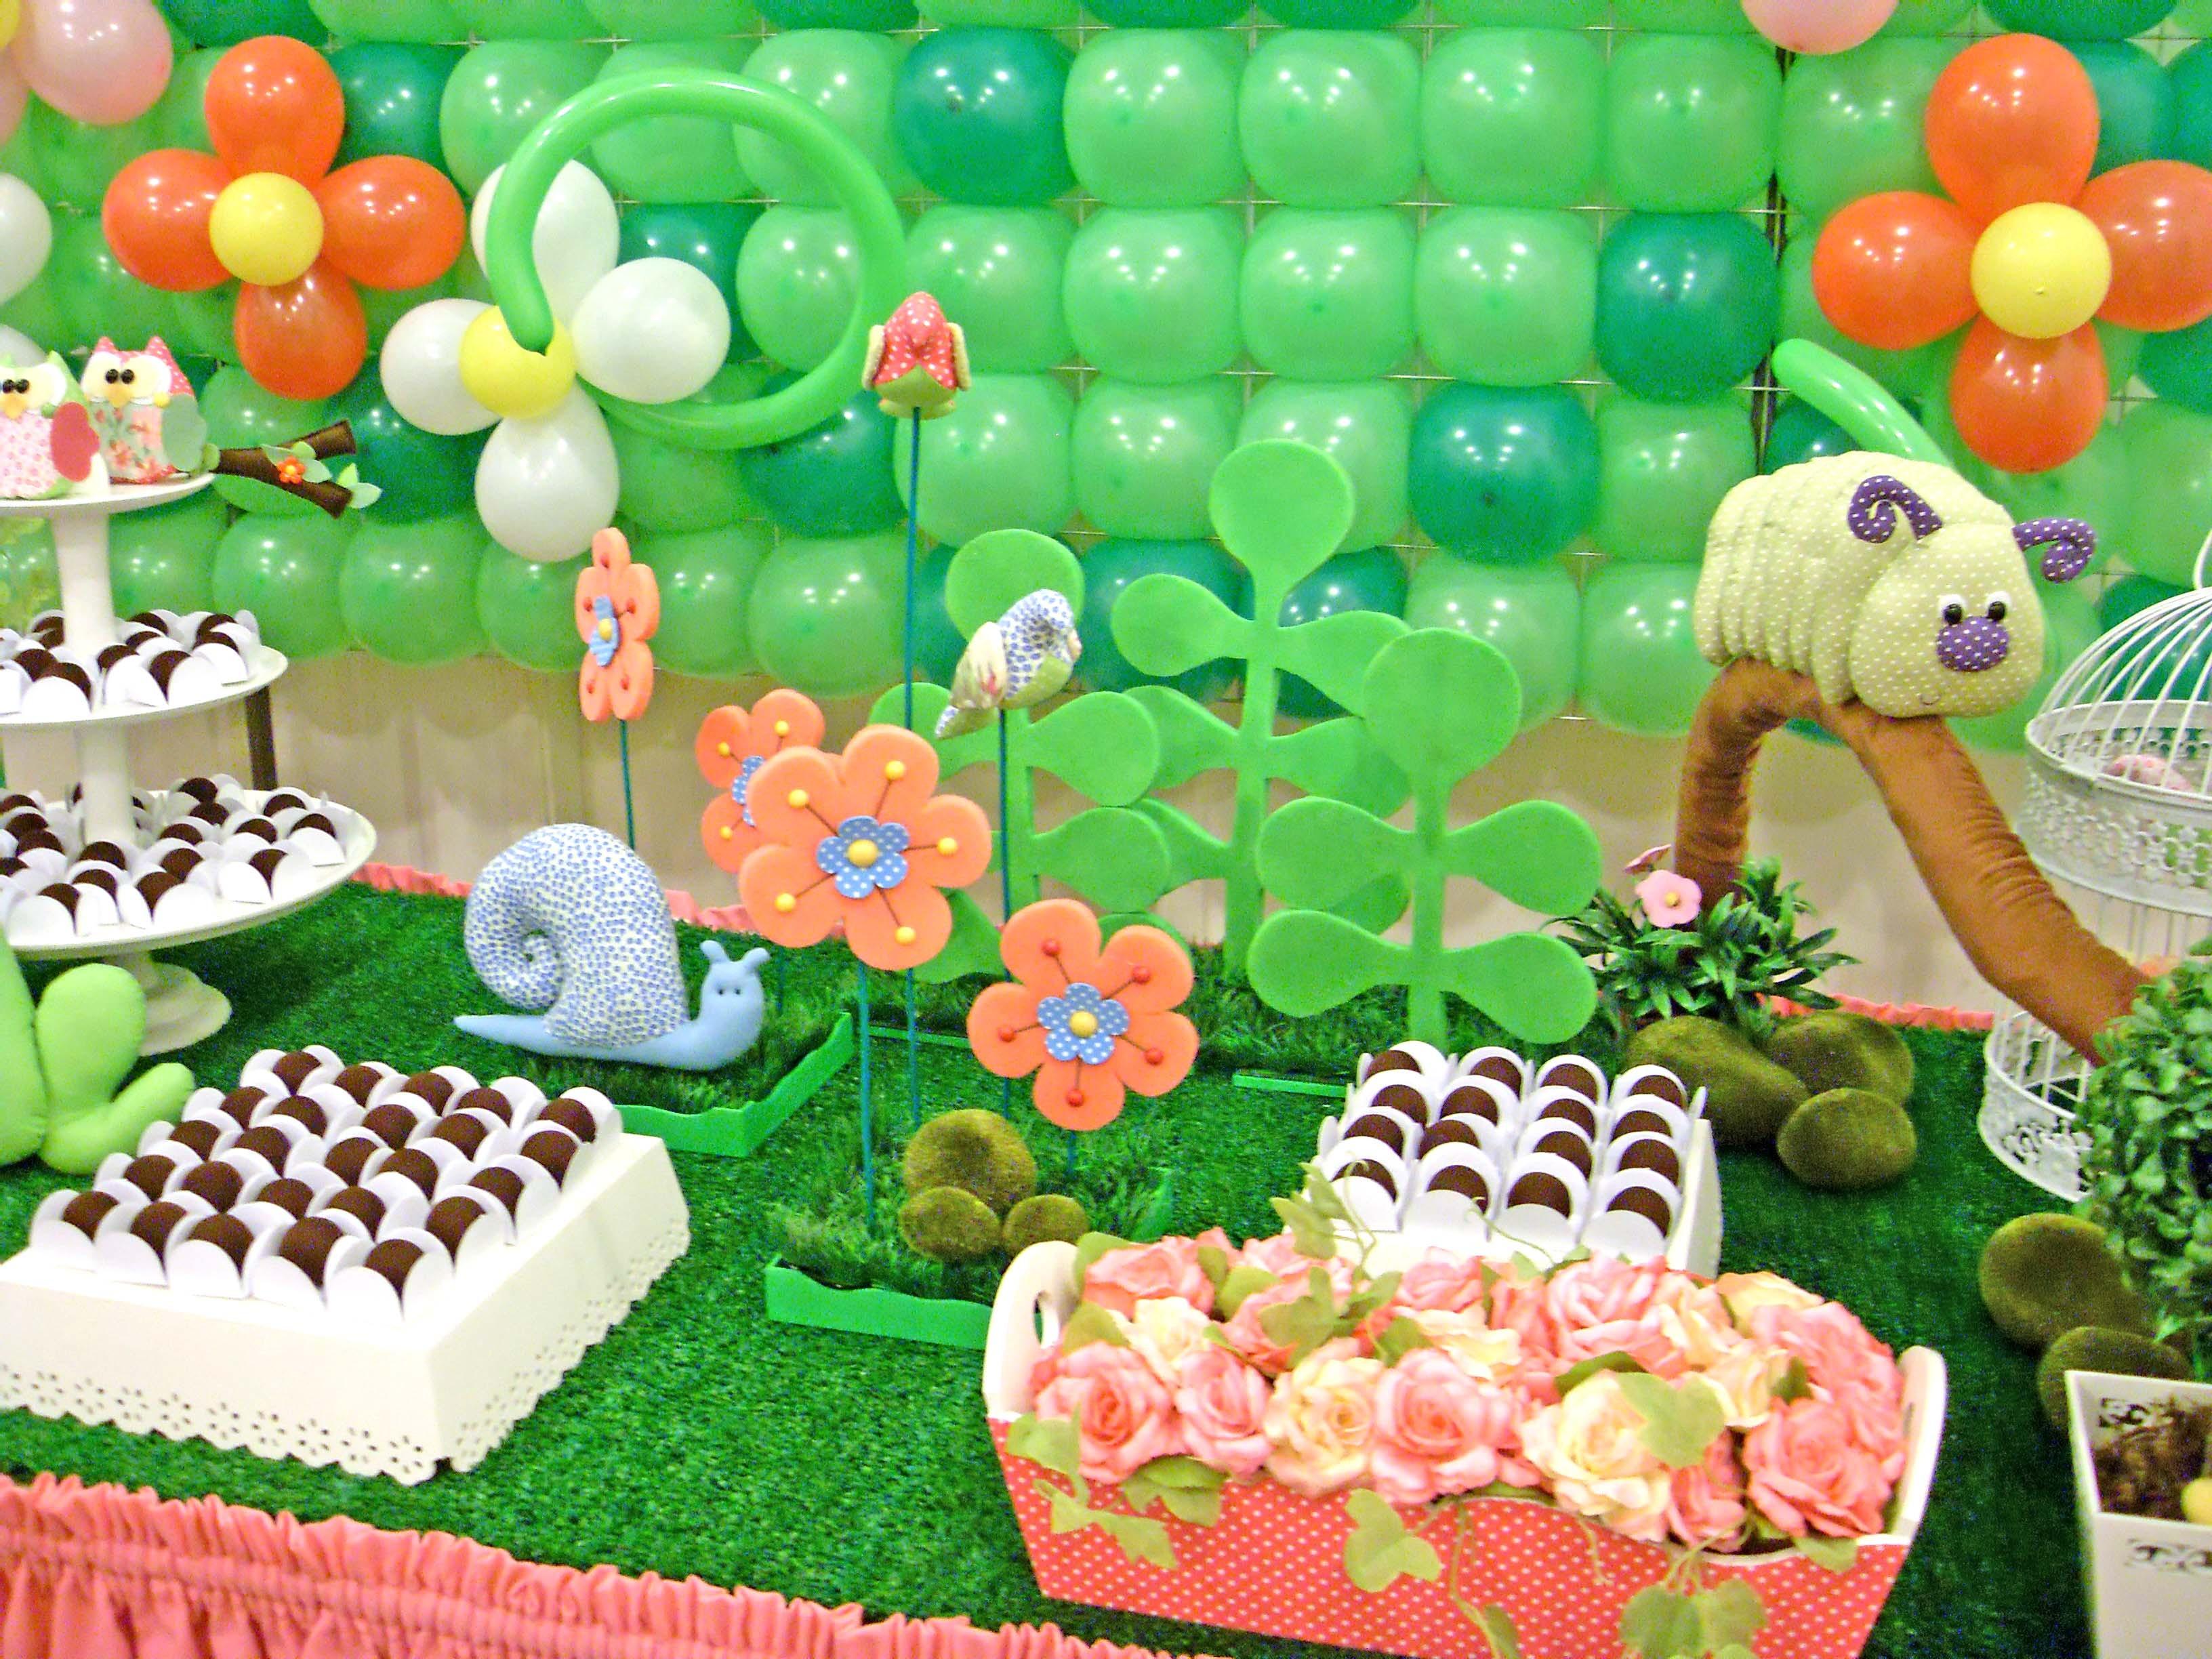 decoracao de jardim lojaDecoração Jardim (painel de balões